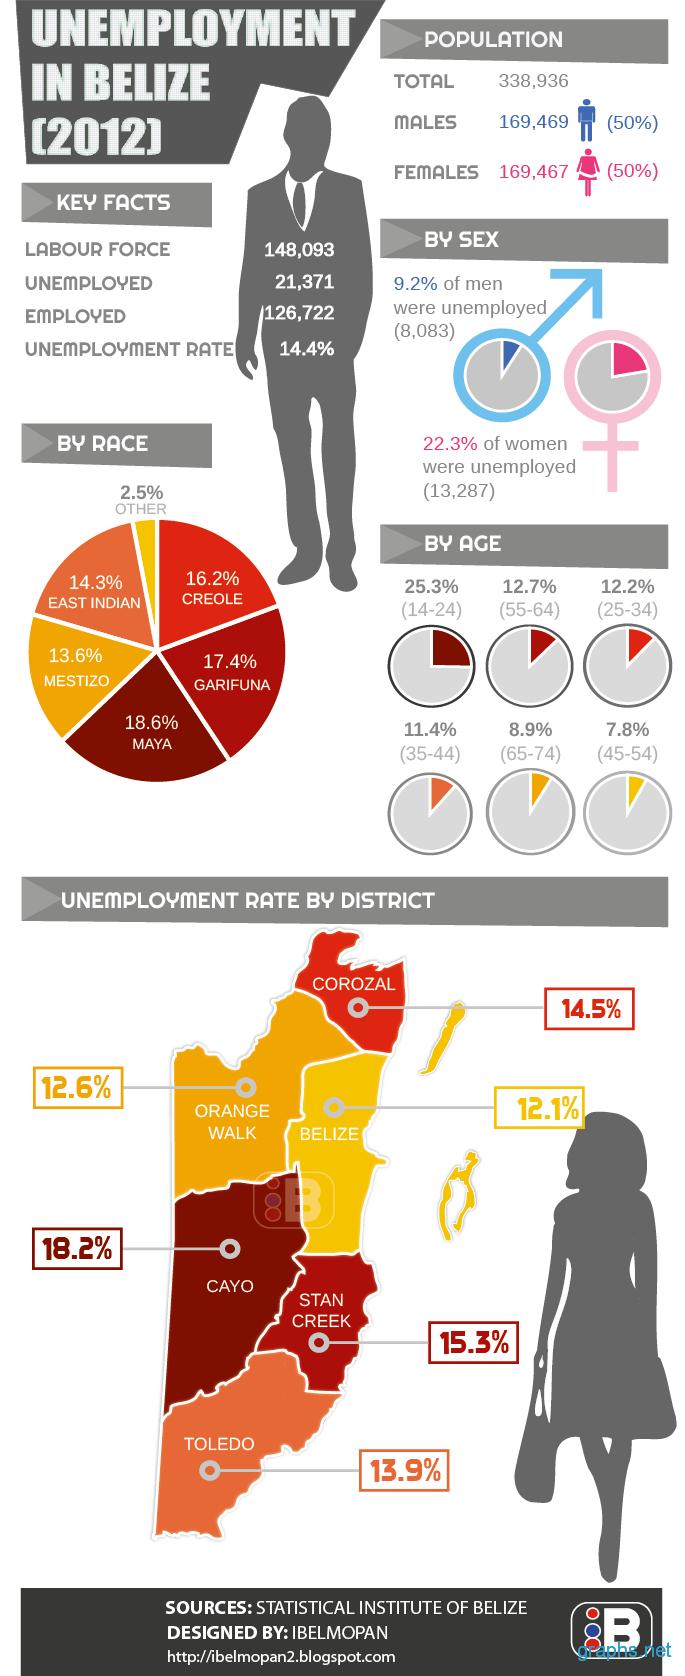 Belize unemployment rate 2012